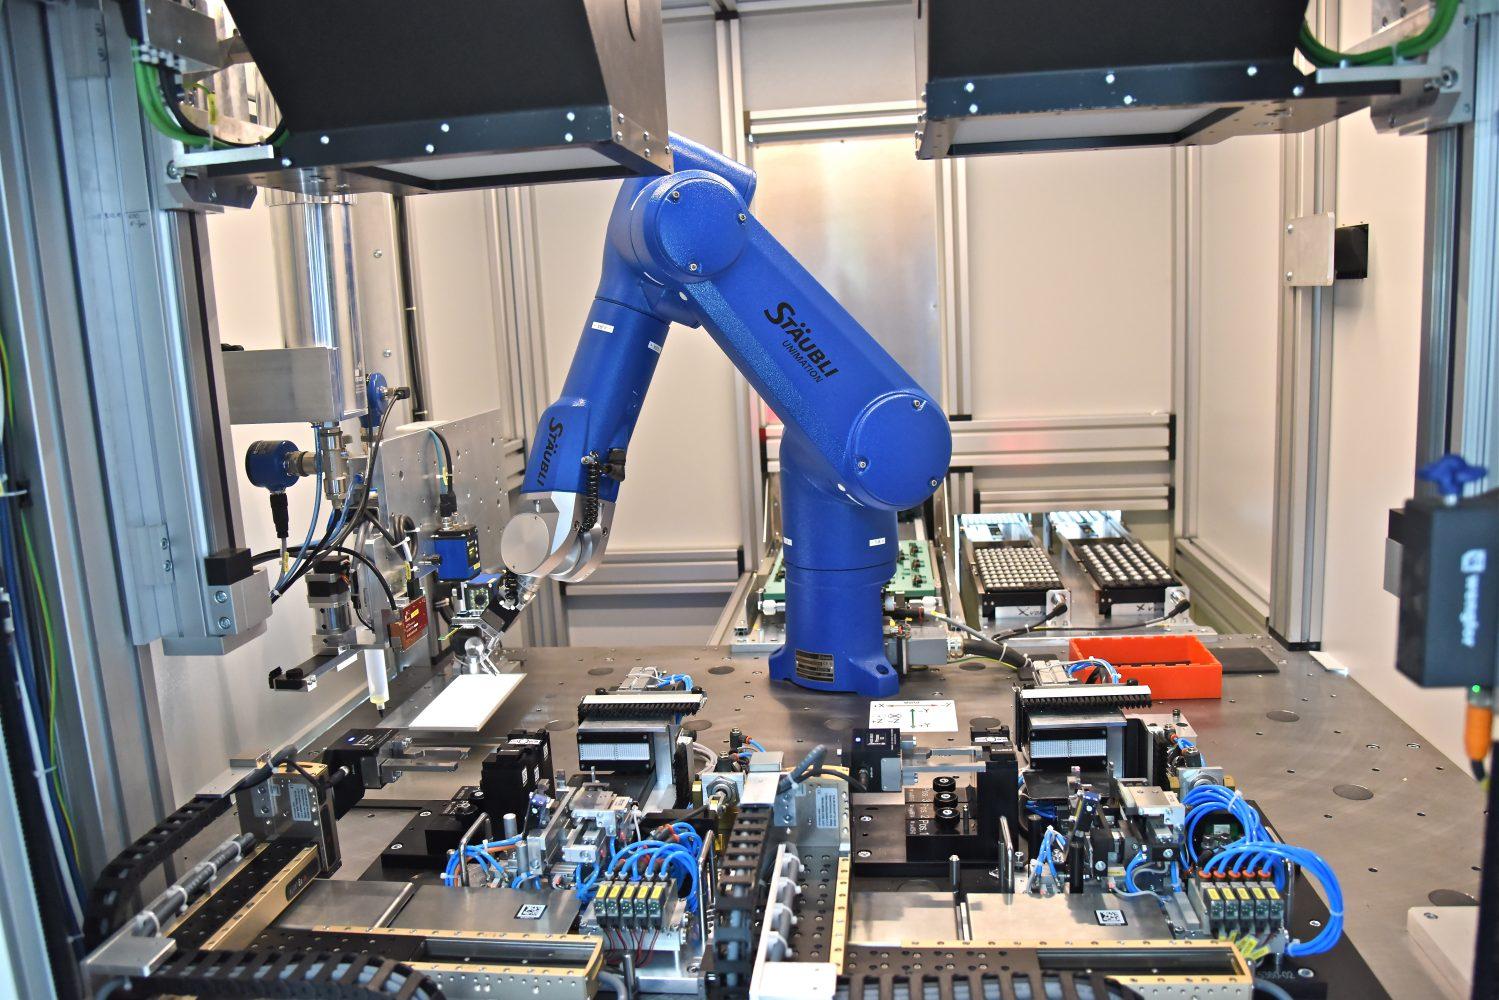 Die Roboterzelle verfügt über zwei identische Justagestationen für die hochgenaue Ausrichtung der Linsen. (Bild: Stäubli Tec-Systems GmbH)